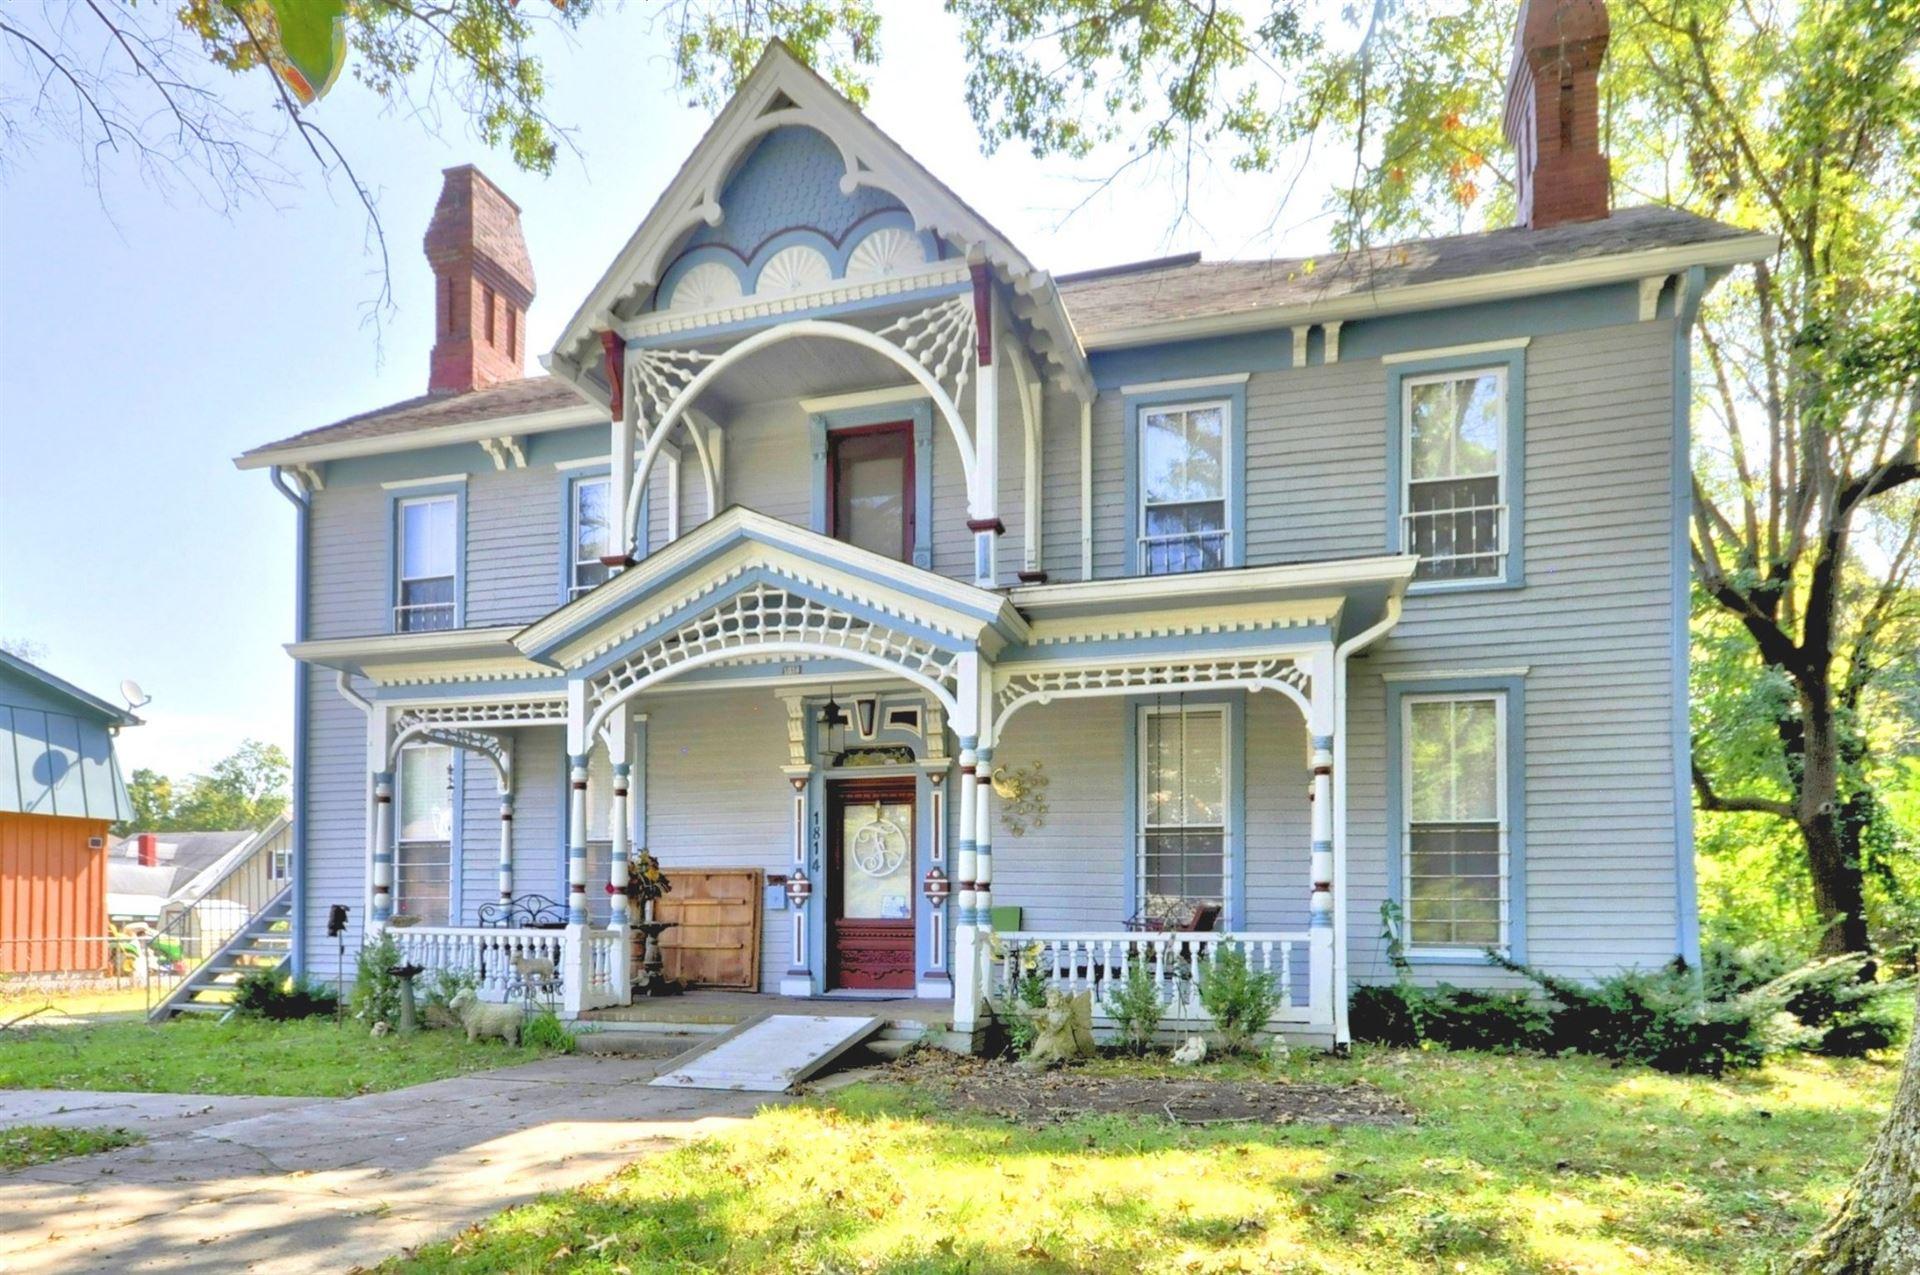 1814 S MAIN ST, Hopkinsville, KY 42240 - MLS#: 2208648